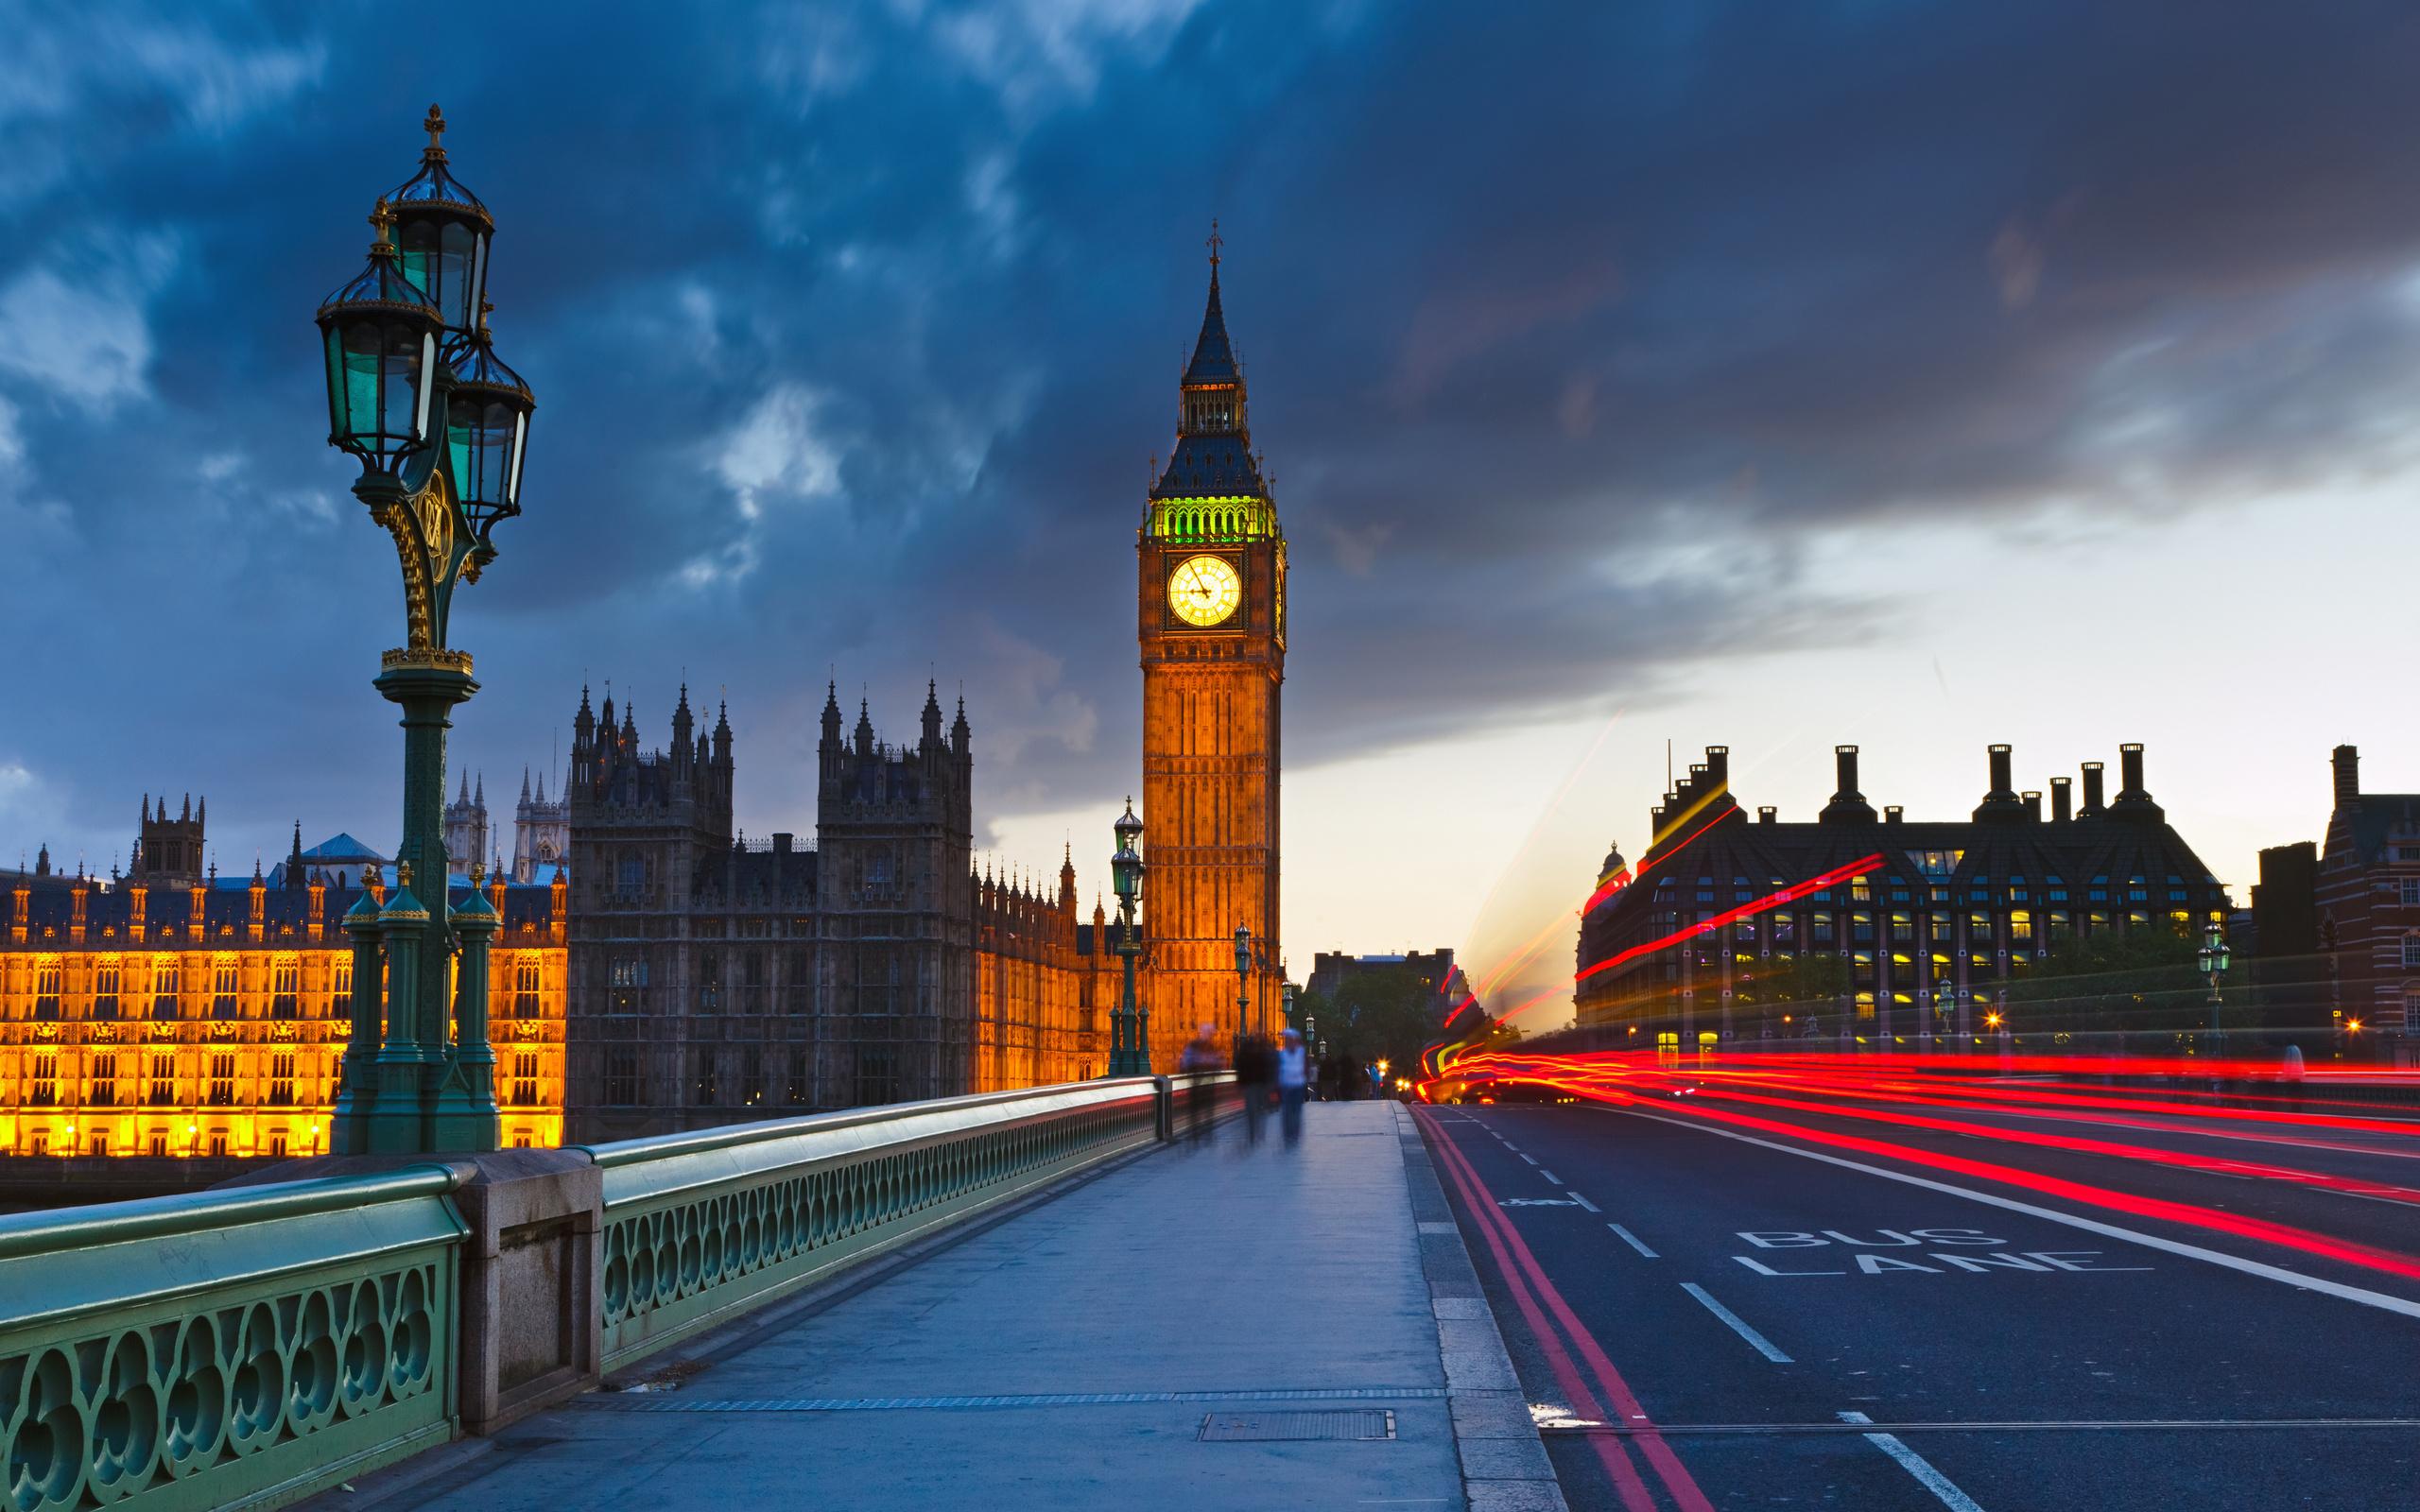 Super Reducere City Break Londra din Bucuresti 3 nopti Martie 2020 de la 199 Euro/persoana!